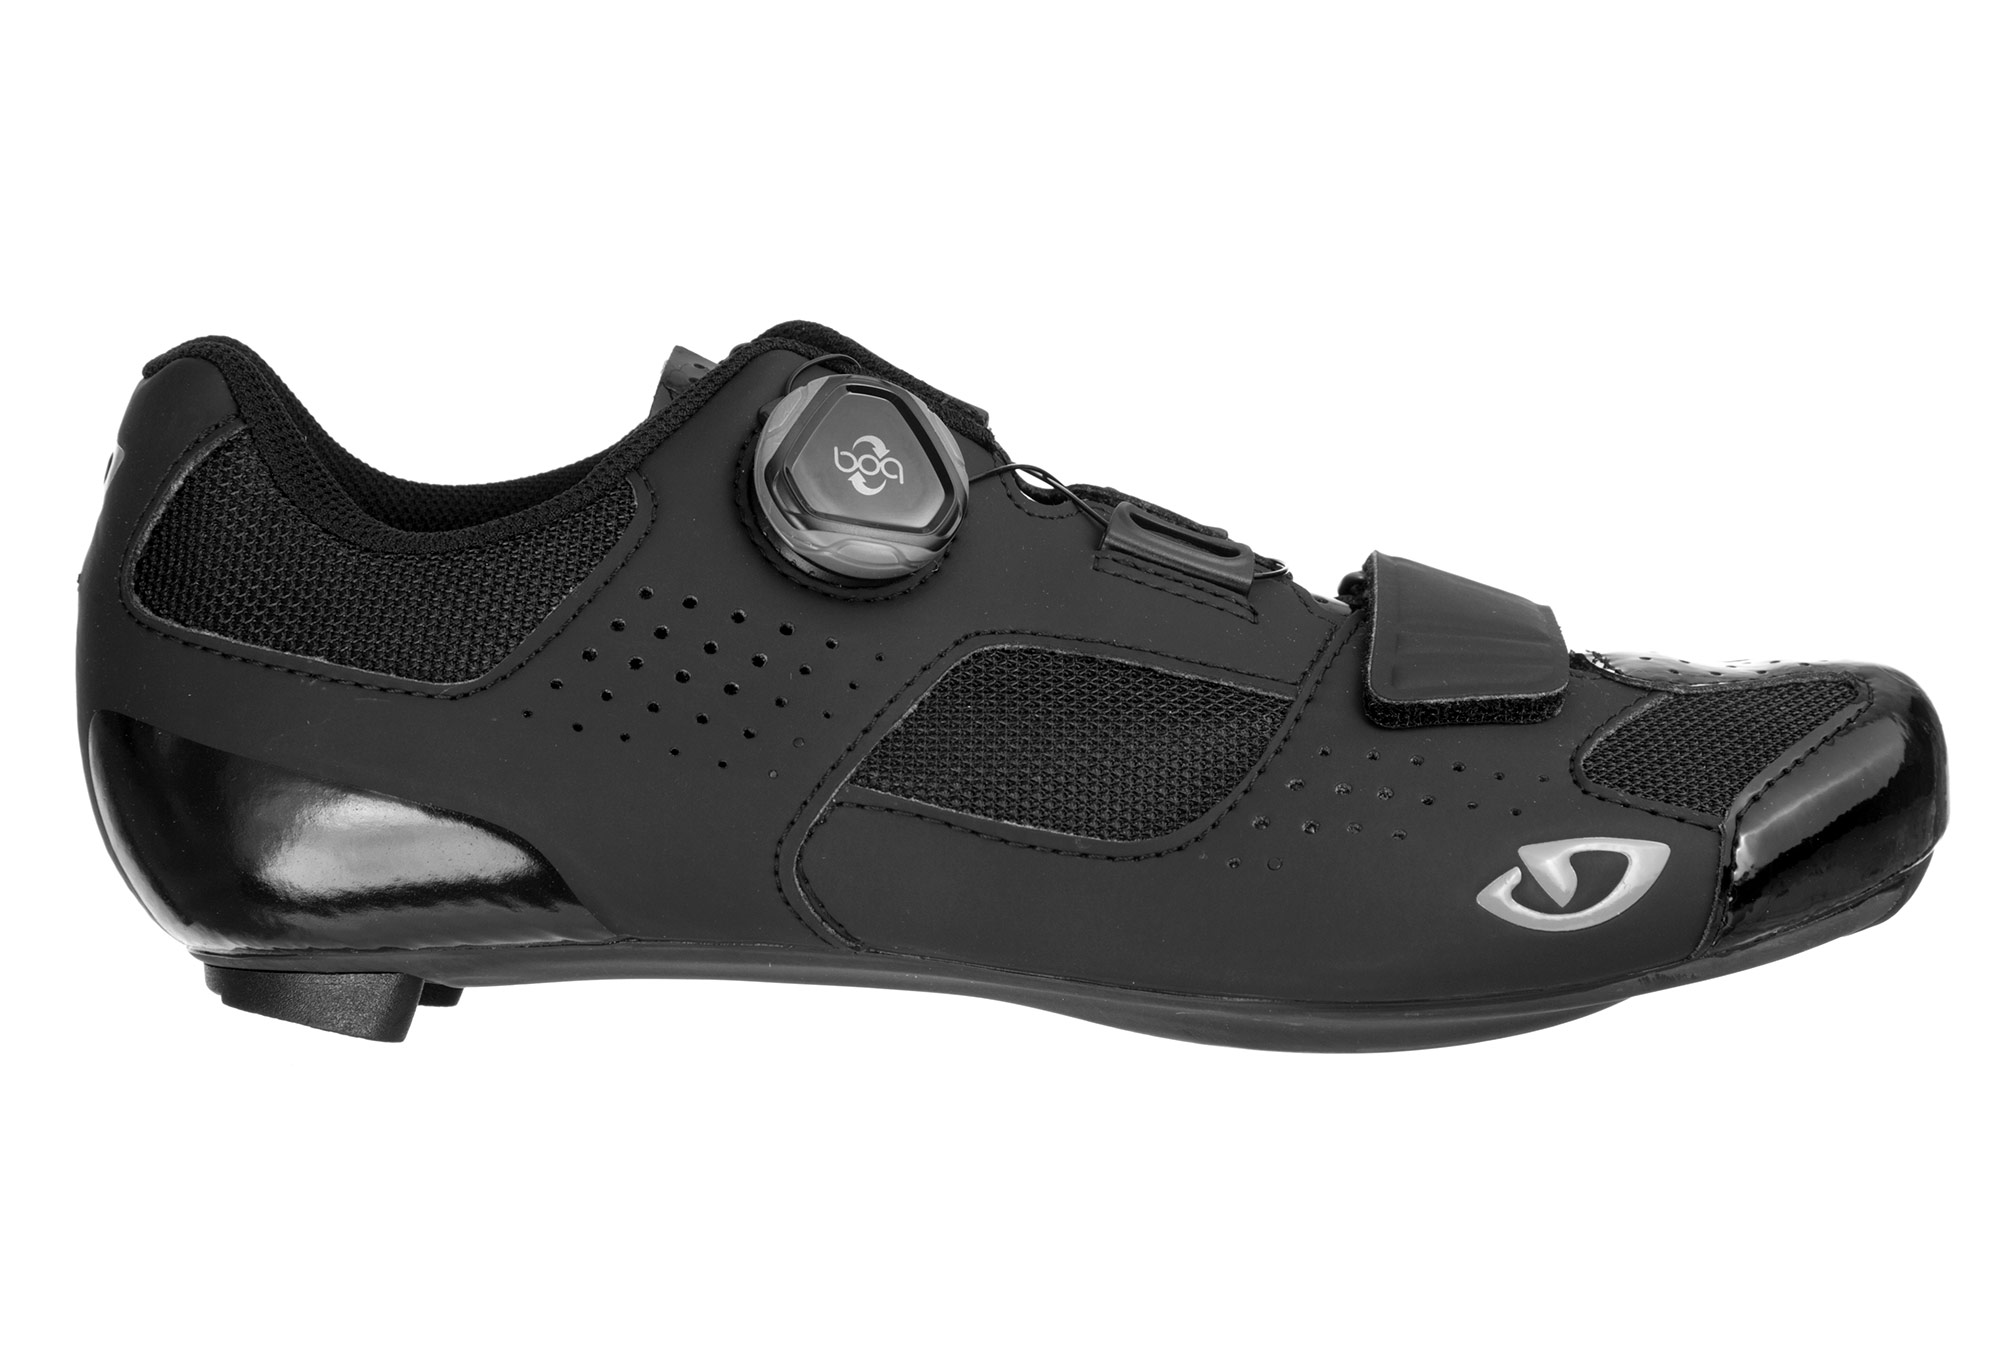 c4a8afa9549 Chaussures Route Giro Trans Boa Noir